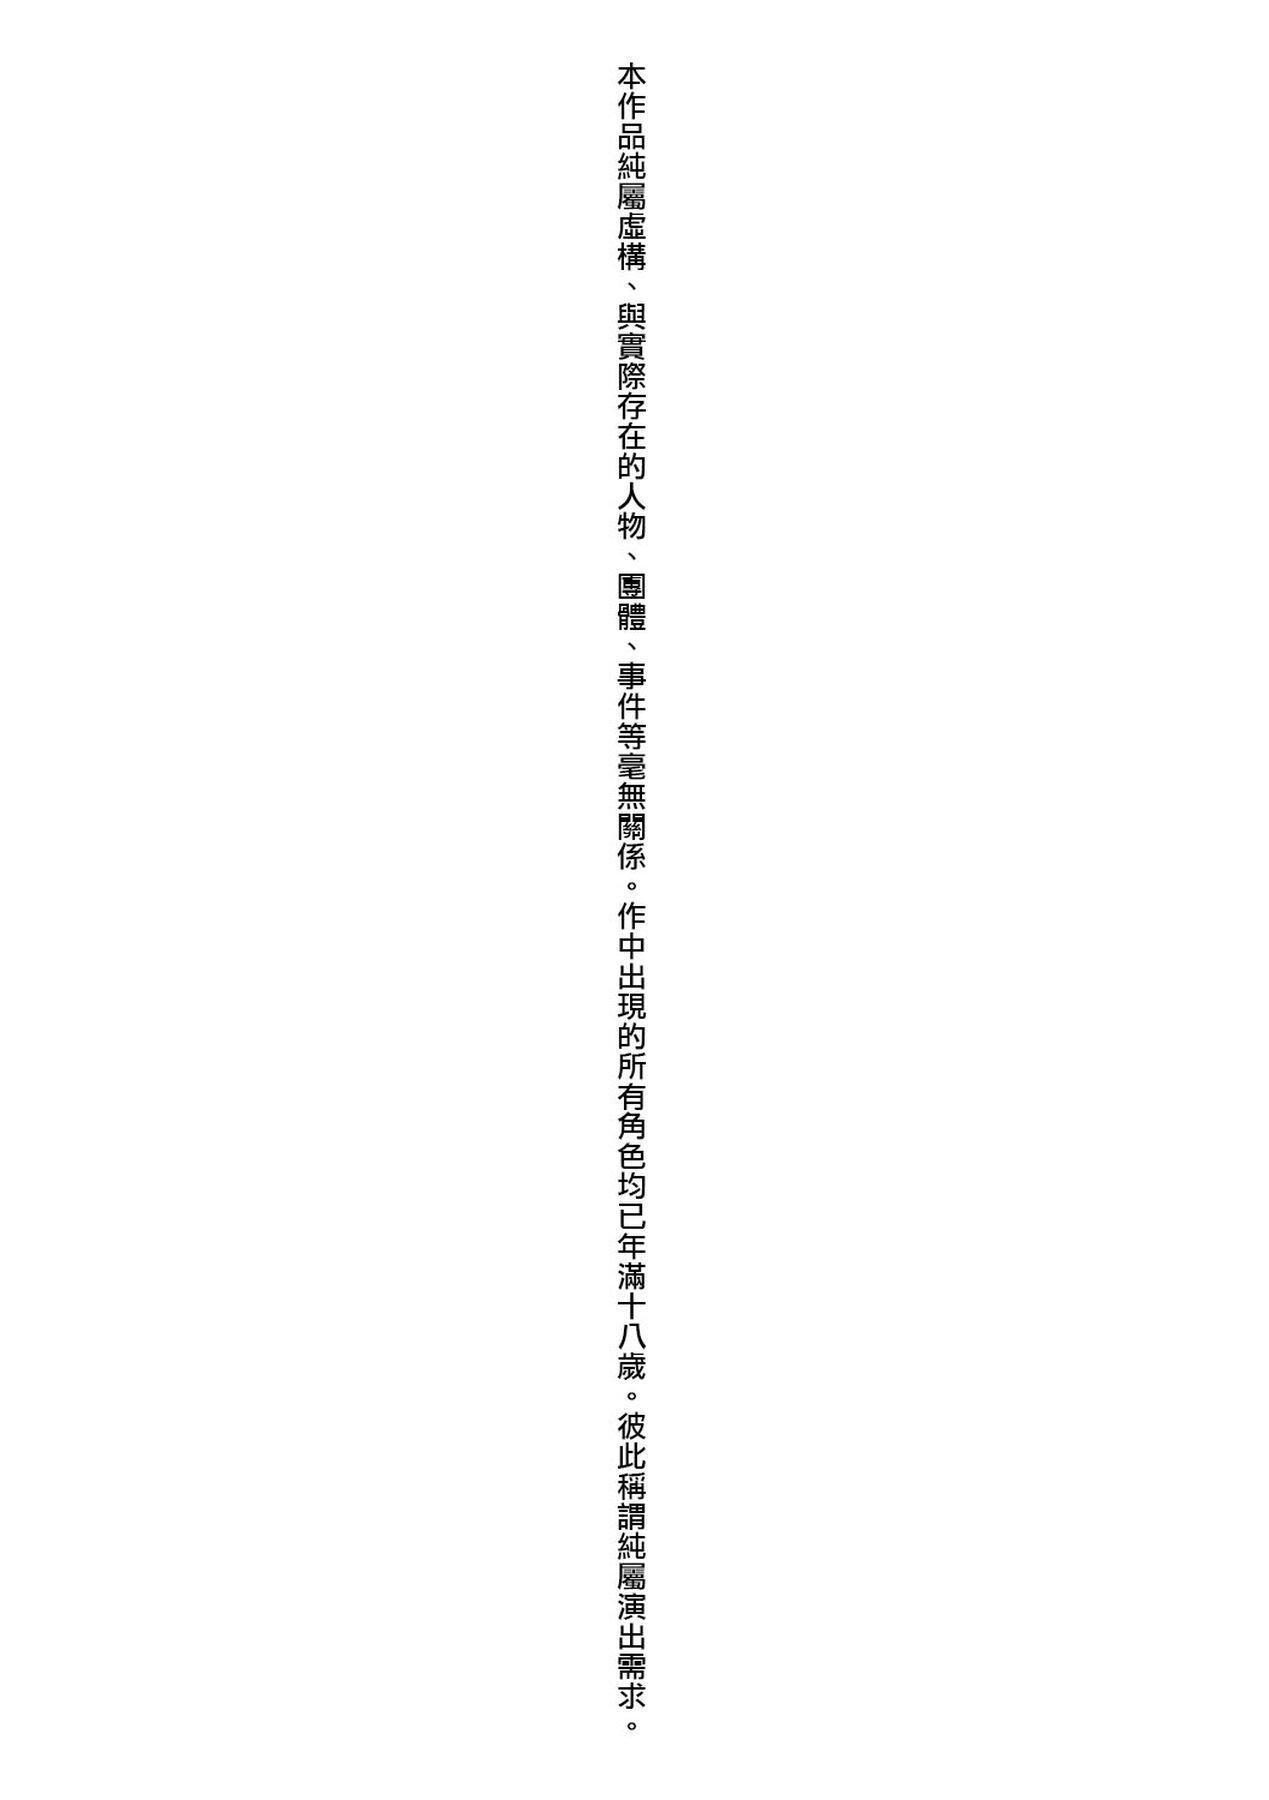 Hatsukoi Jikan. 4